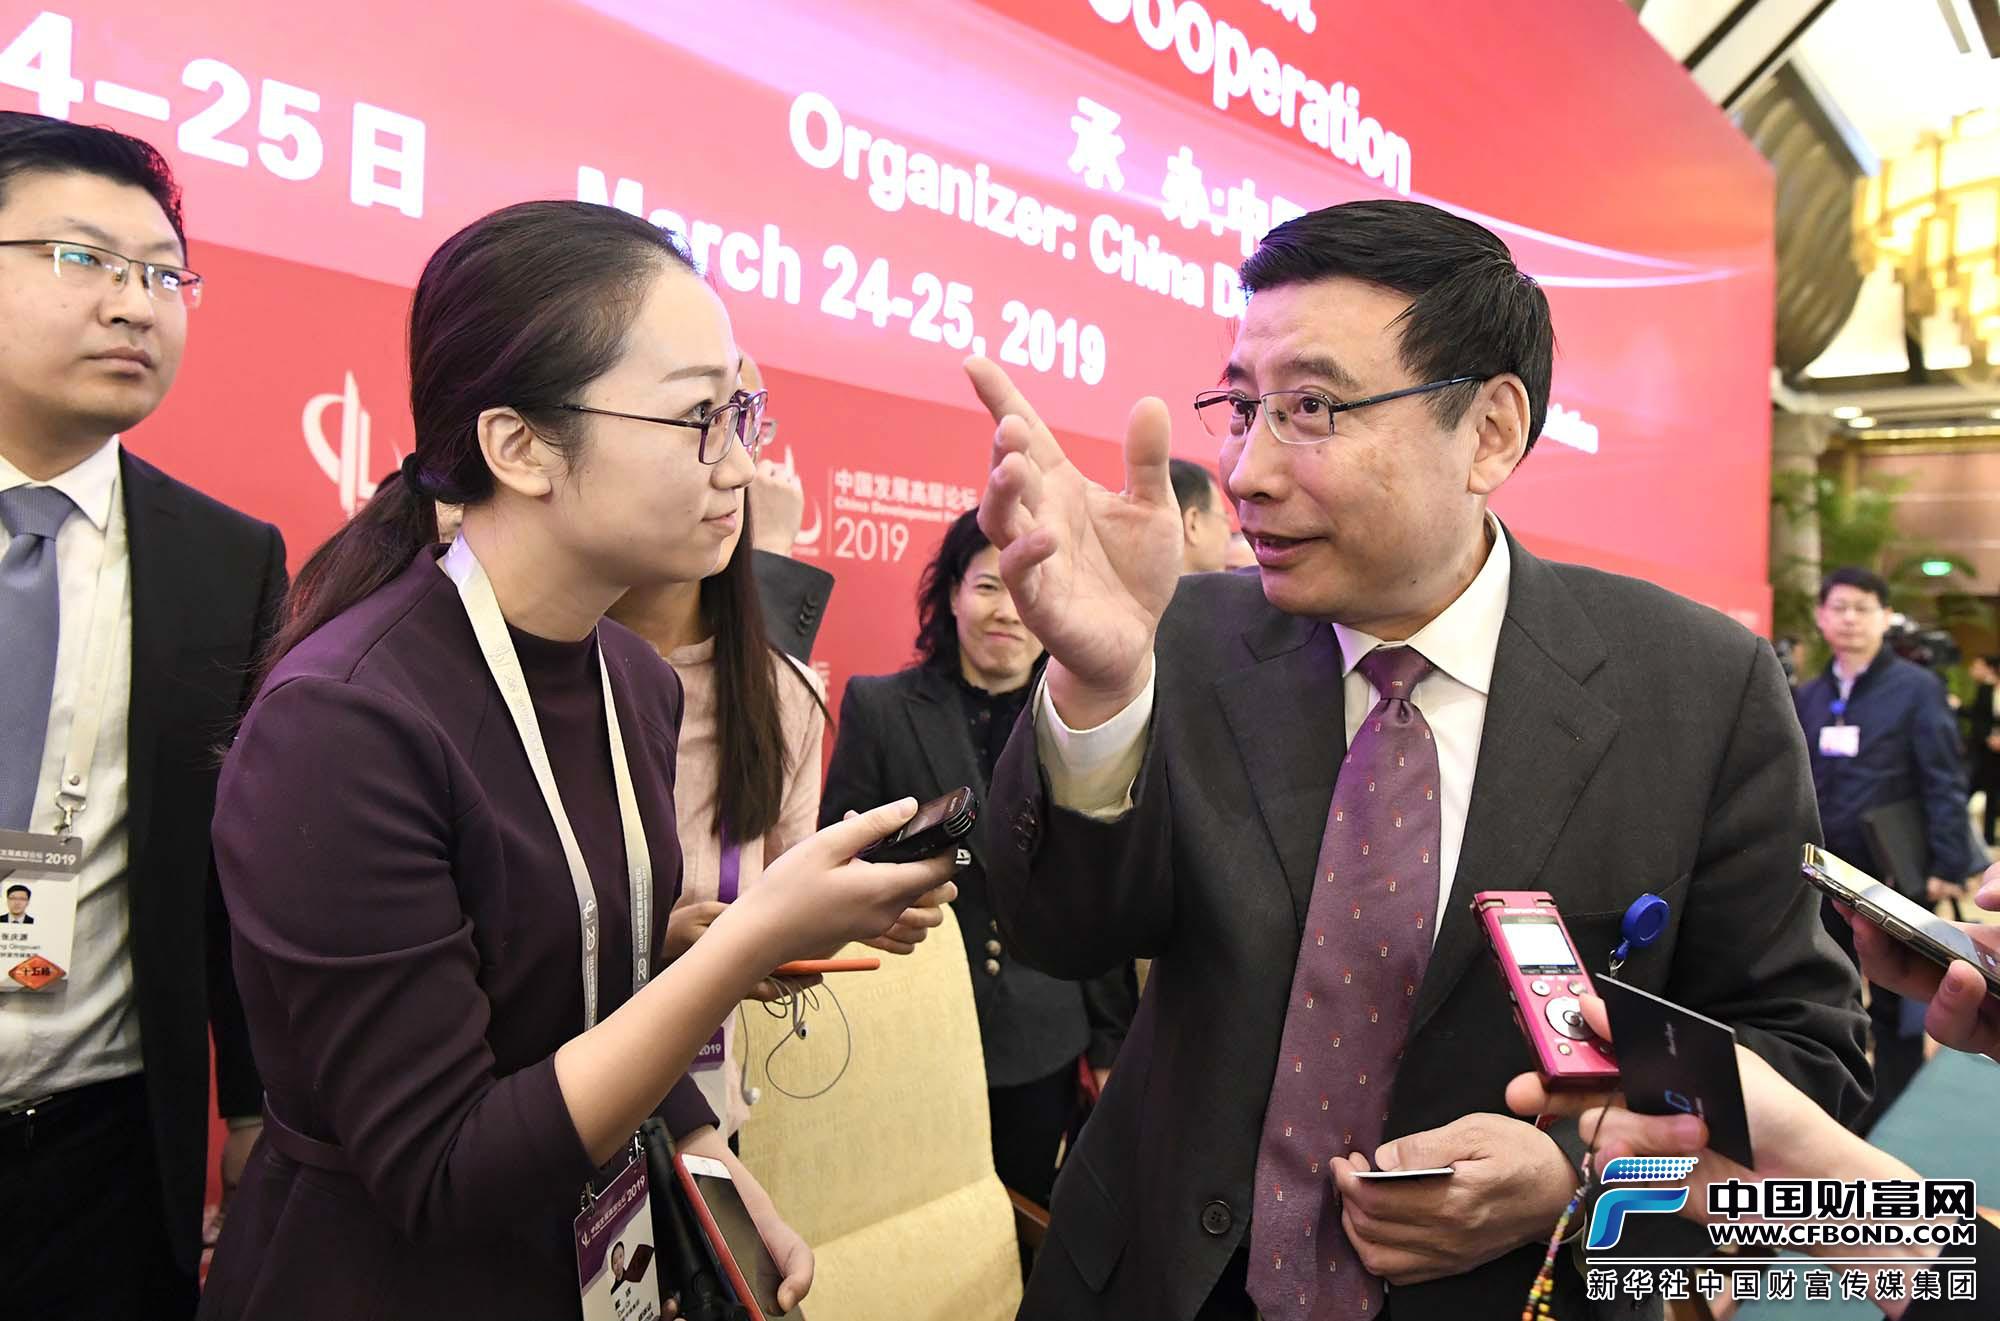 苗圩:未来中国制造业将以创新为驱动继续向高质量发展